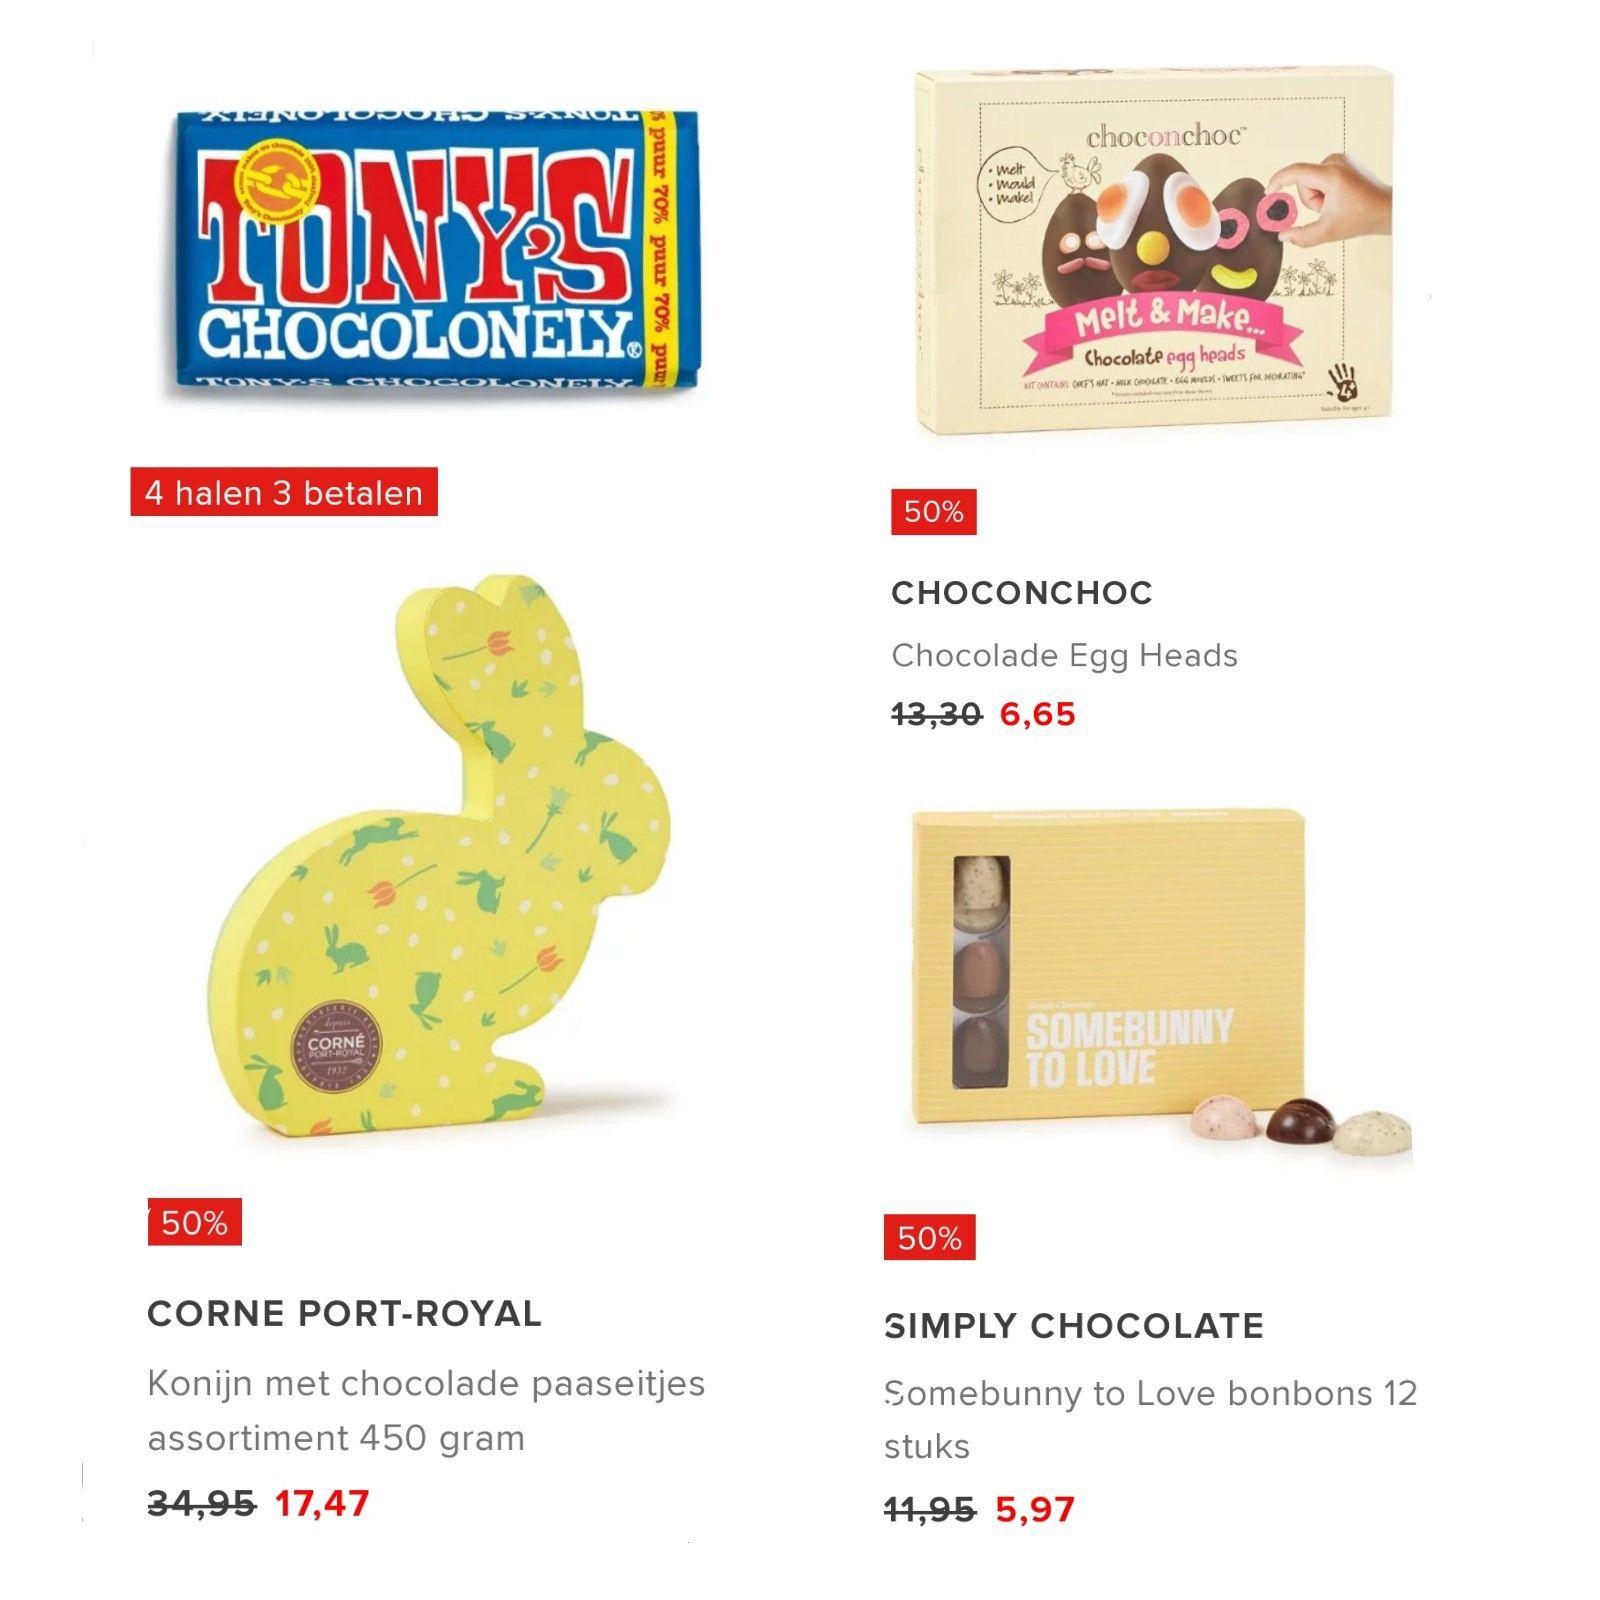 (50% korting) op Paas chocolade + gratis verzending @Bijenkorf